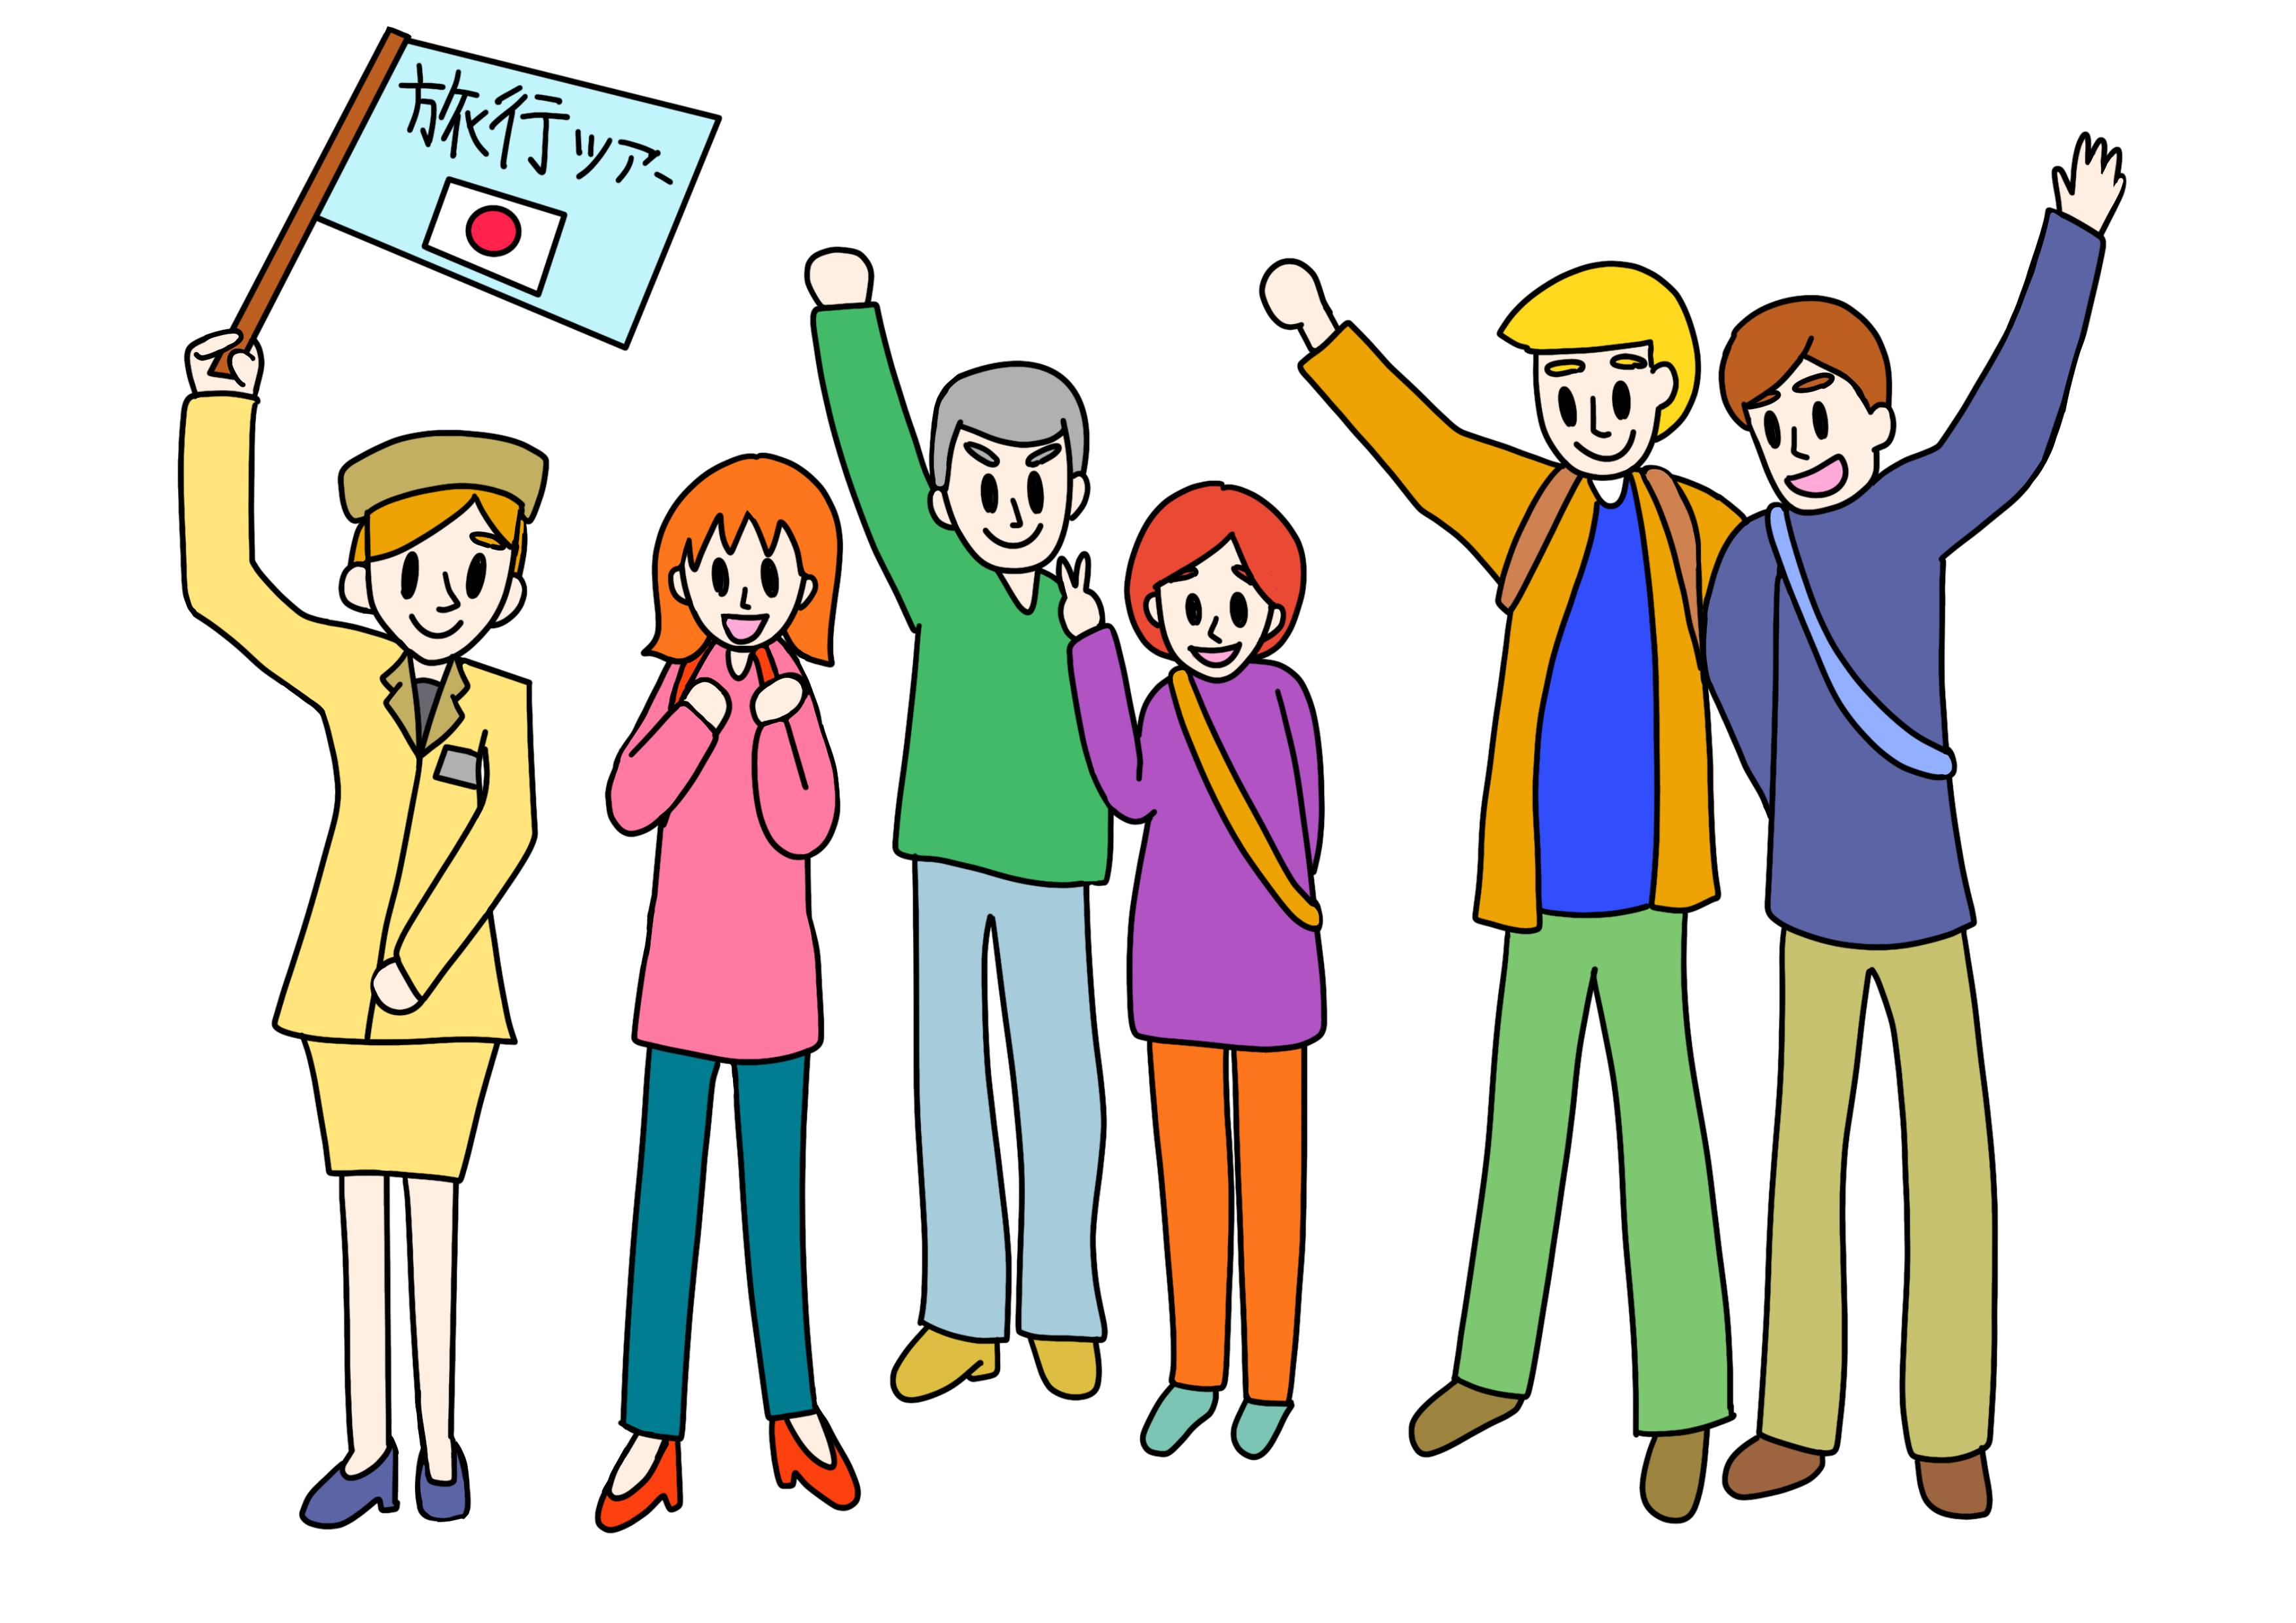 38課イラスト【旅行ツアーに参加する】